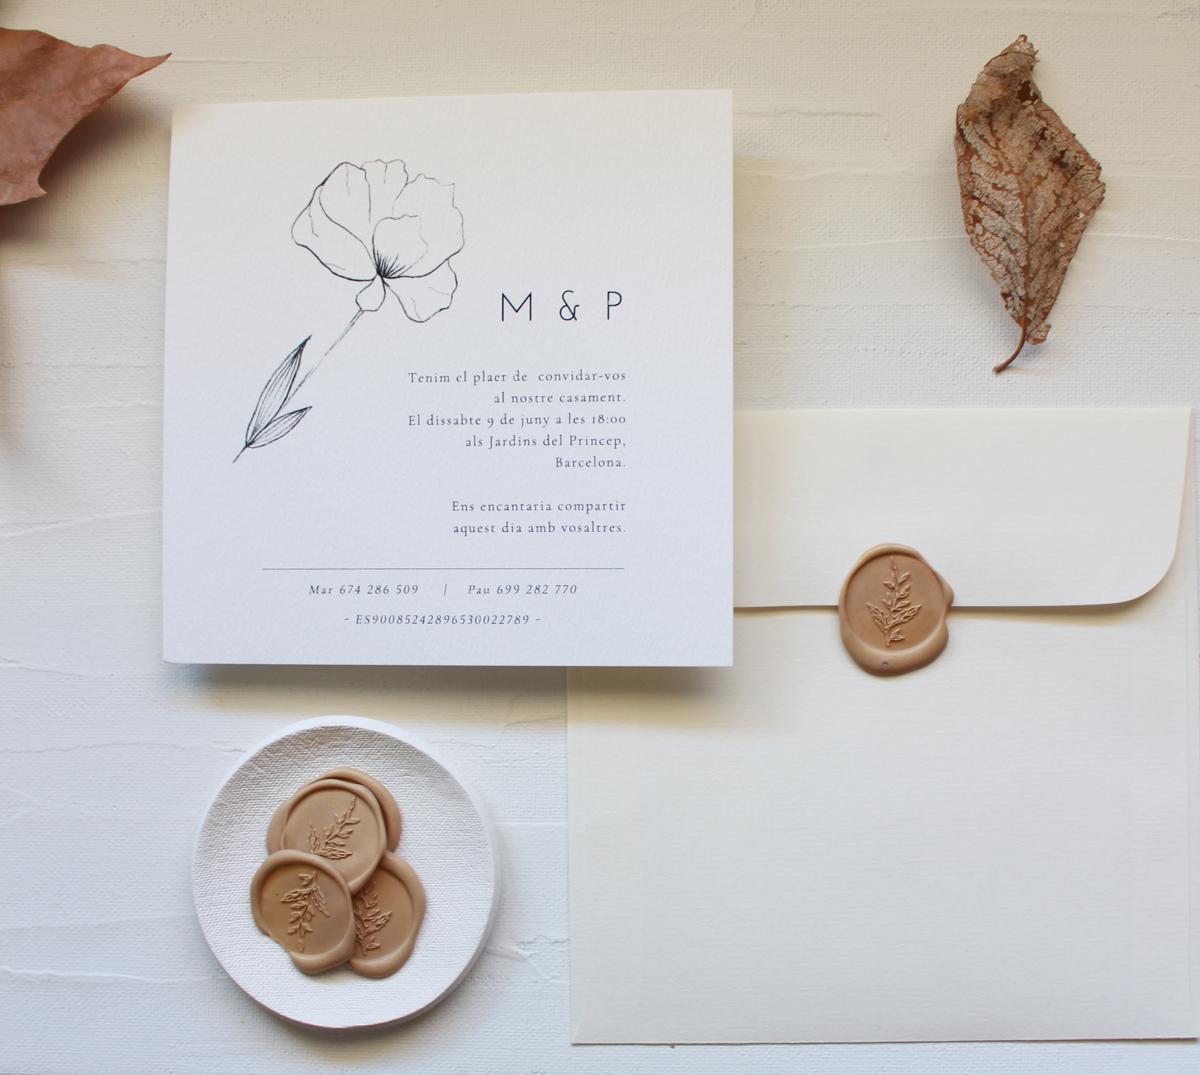 Invitación de boda con ilustración de amapola